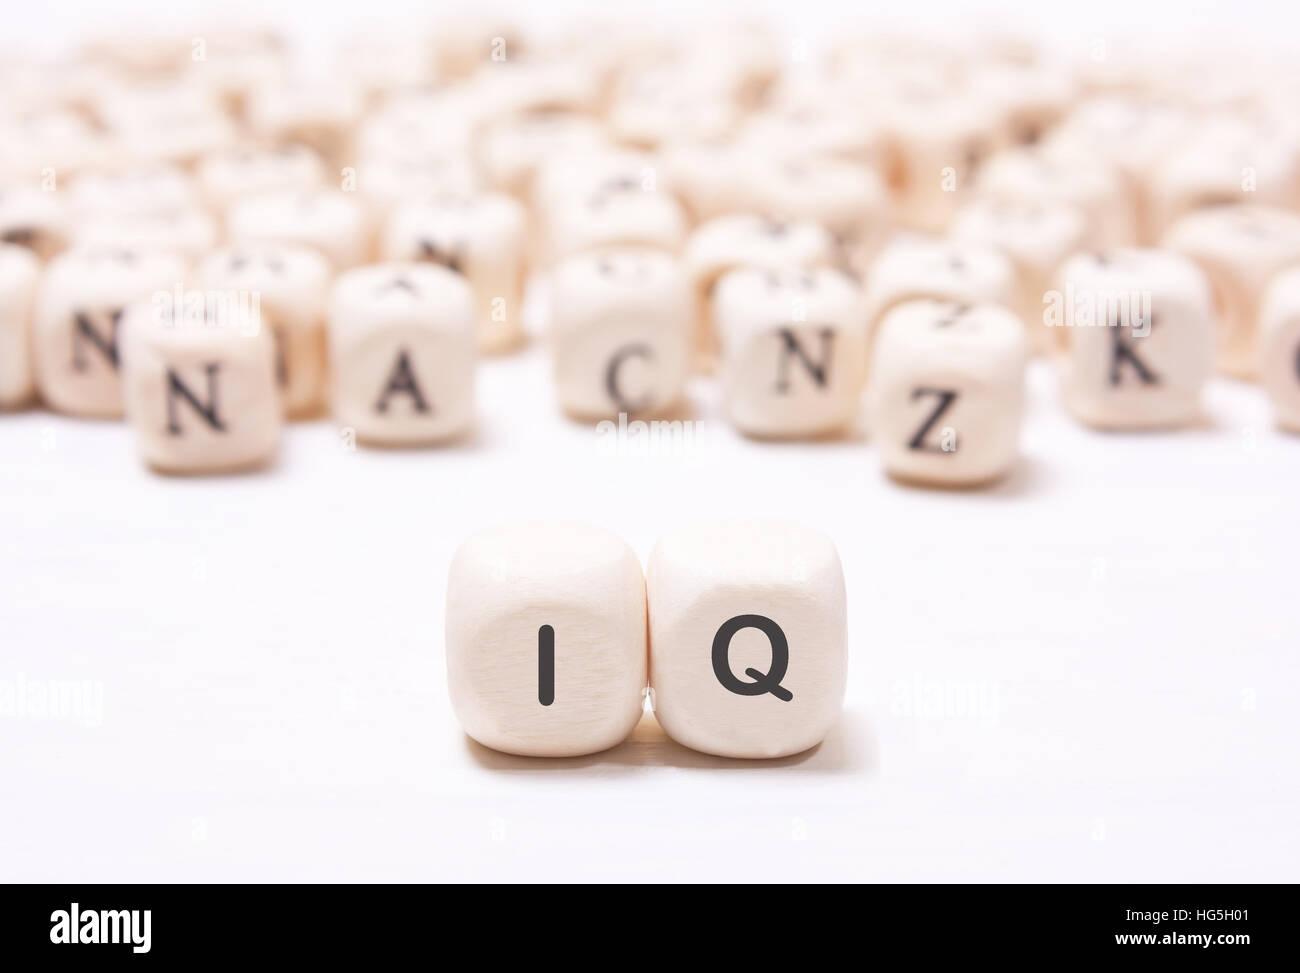 La palabra 'IQ' en blanco sobre un fondo de dados de letras borrosas. El concepto de la mente, el intelecto Imagen De Stock